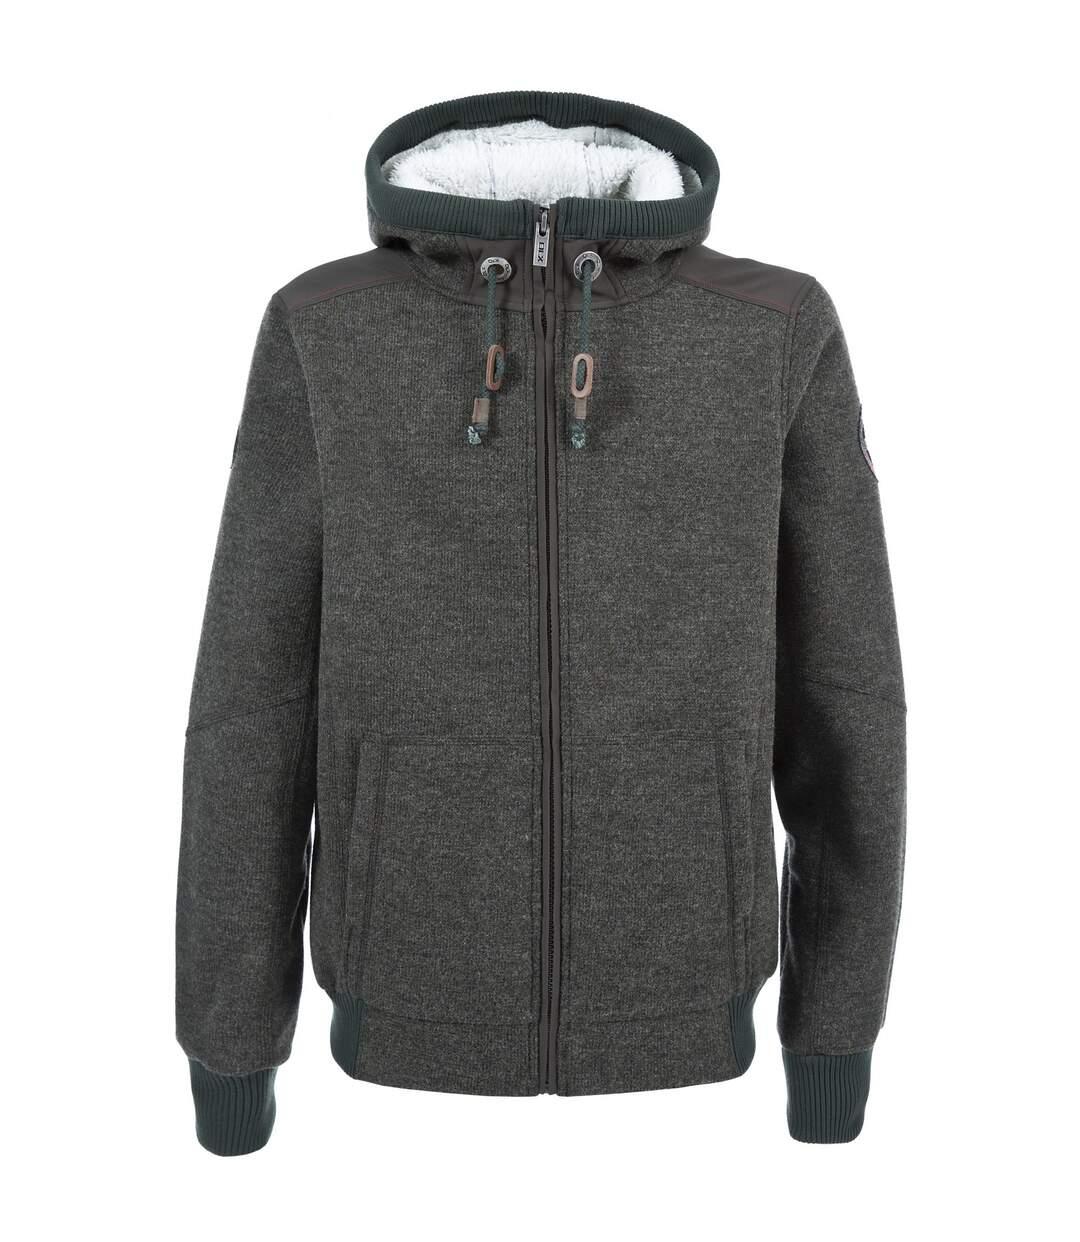 Trespass Mens Mathis Full Zip Knitted Fleece Jacket (Khaki Marl) - UTTP1292